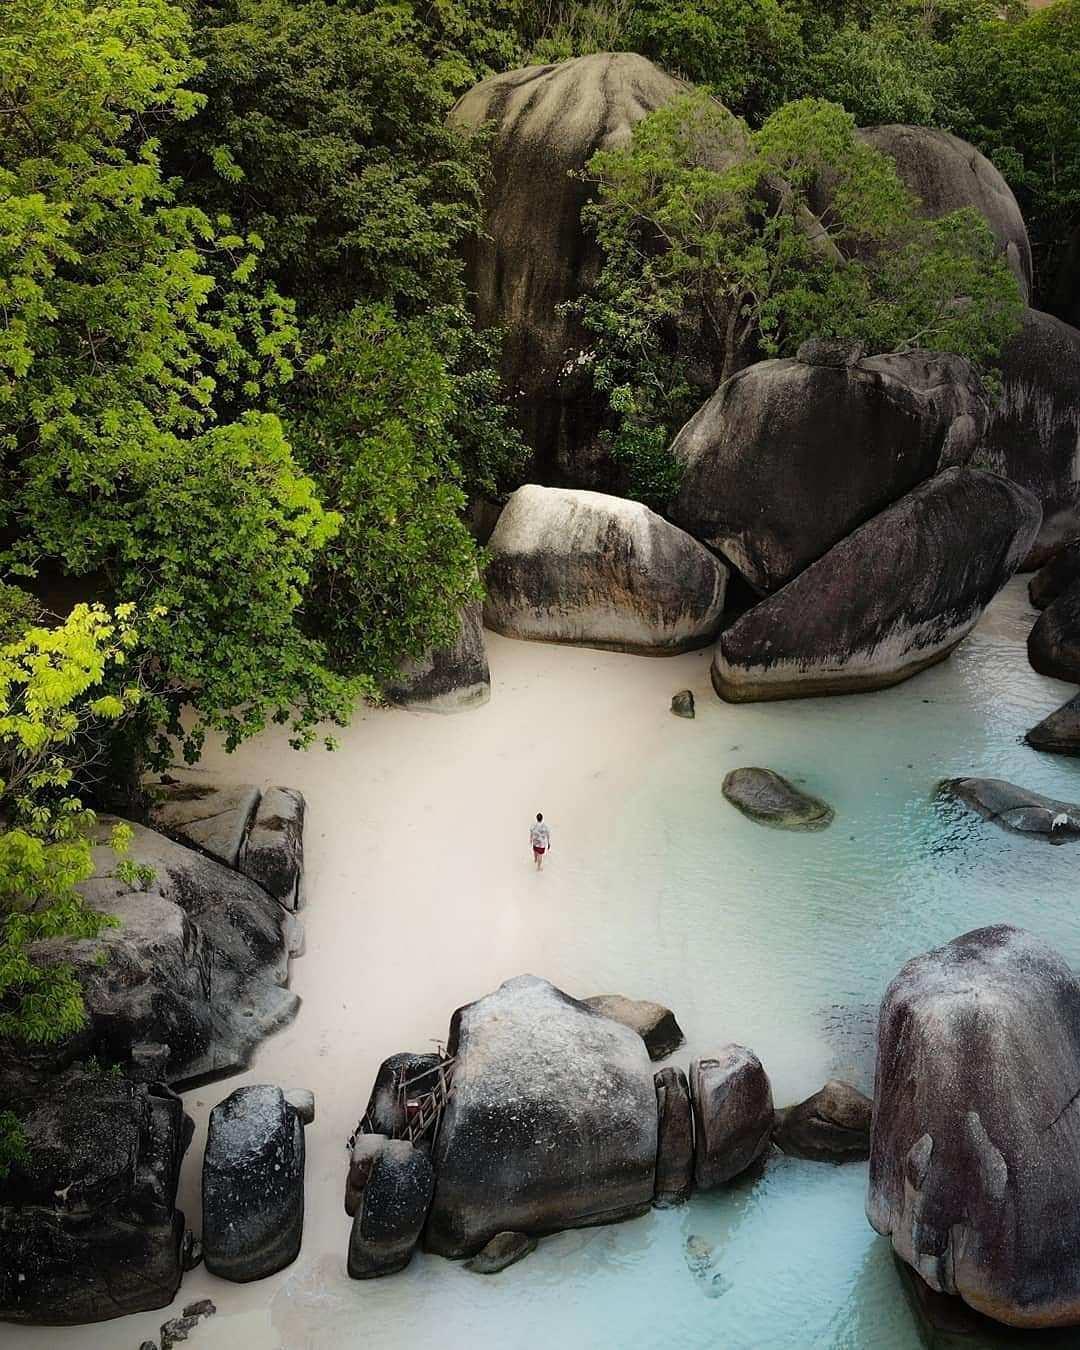 Foto Bebatuan Granit di Pantai Tanjung Tinggi Belitung Dari Atas. Image From @rahaps_